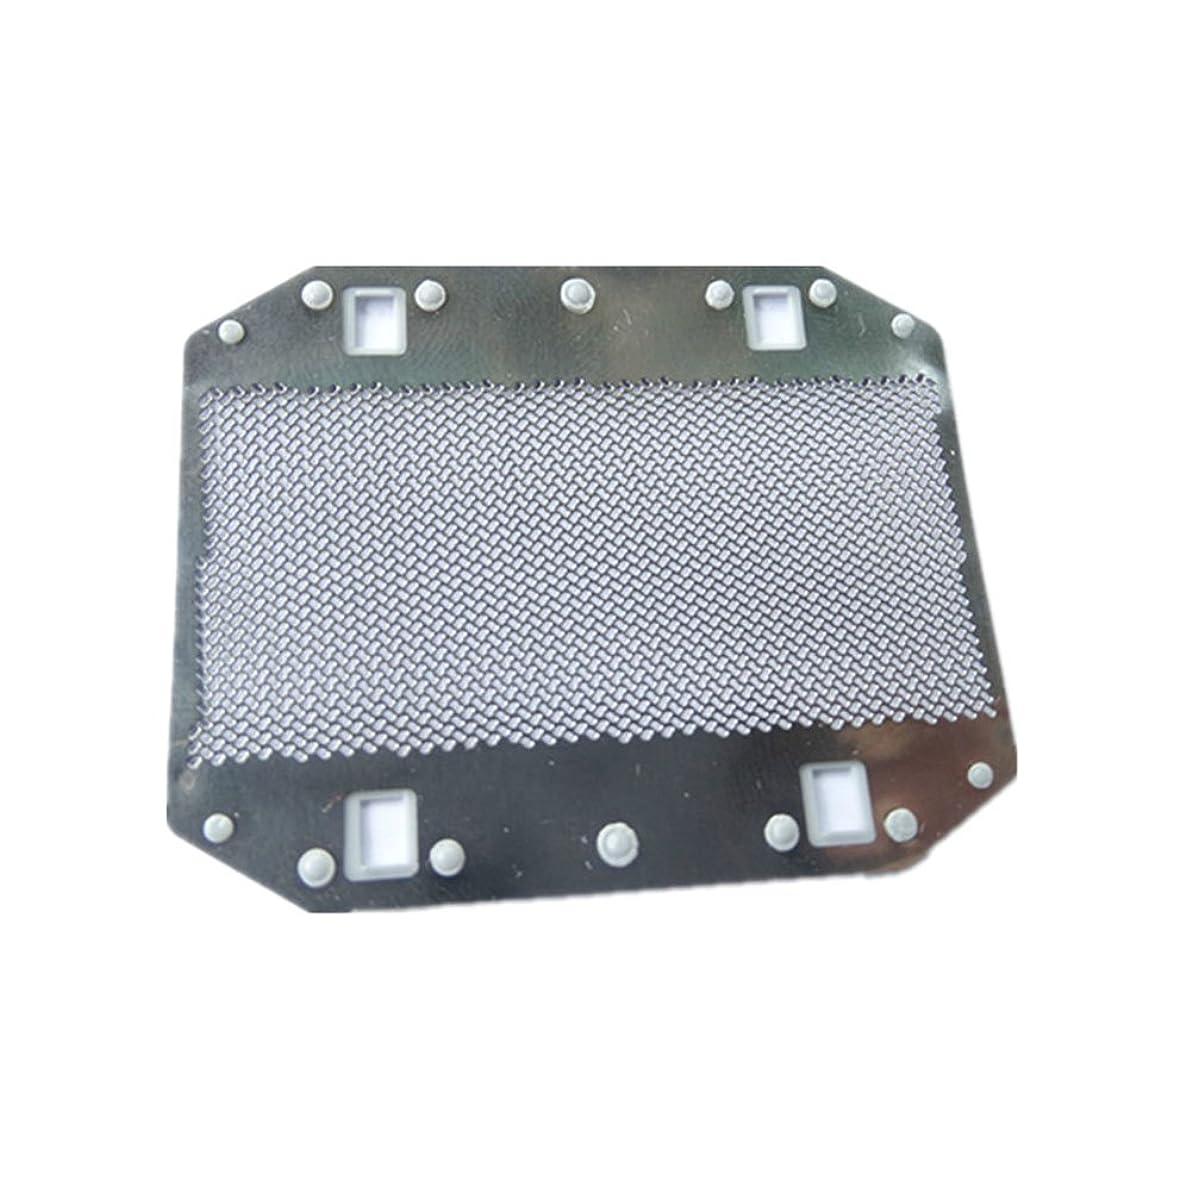 同じ曖昧な風味HZjundasi Replacement Outer ホイル for Panasonic ES3750/3760/RP40/815/3050 ES9943